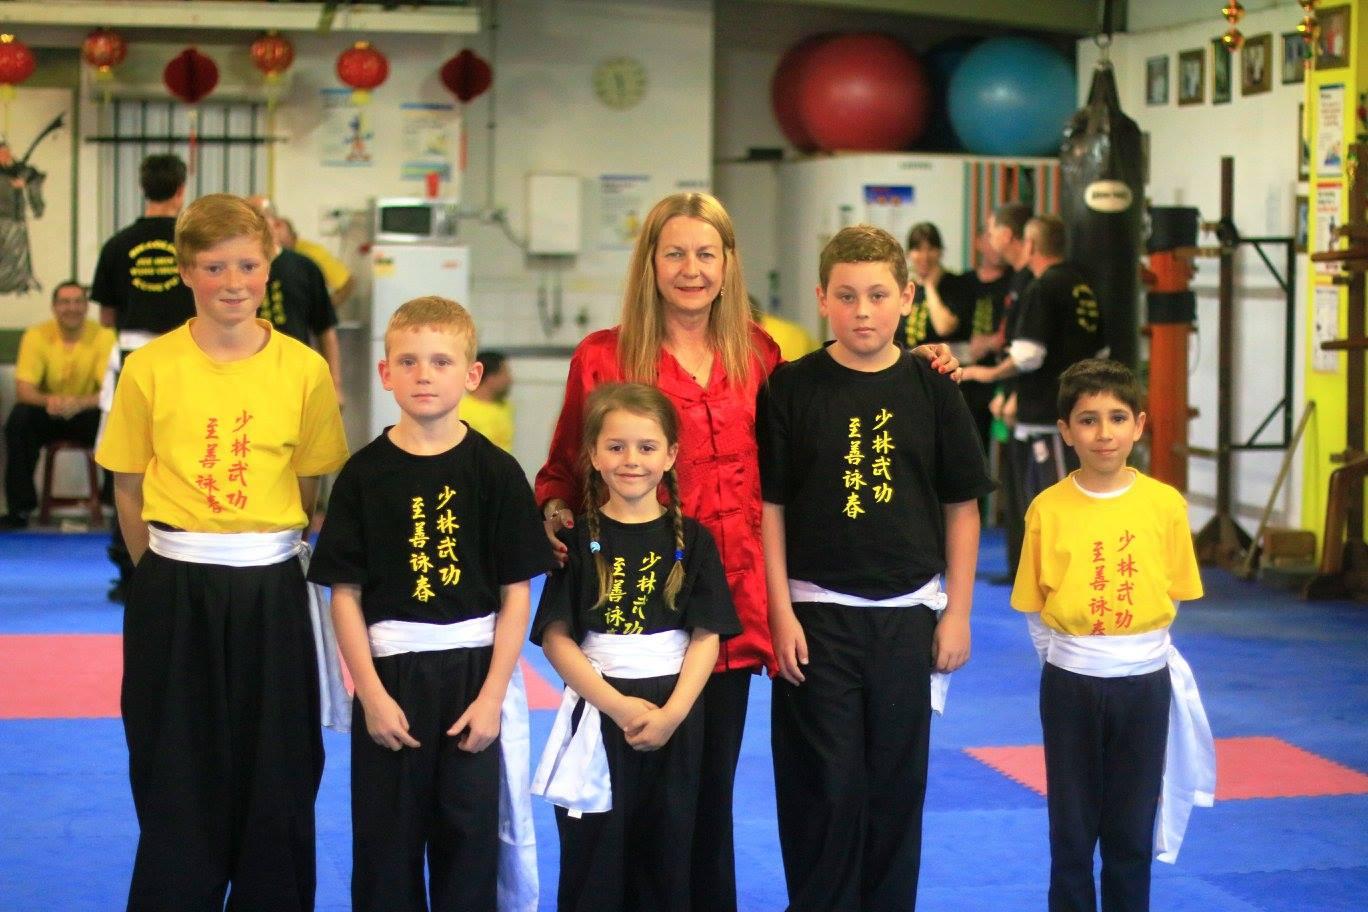 - Shaolin Jee Shin Wing Chun Kung F